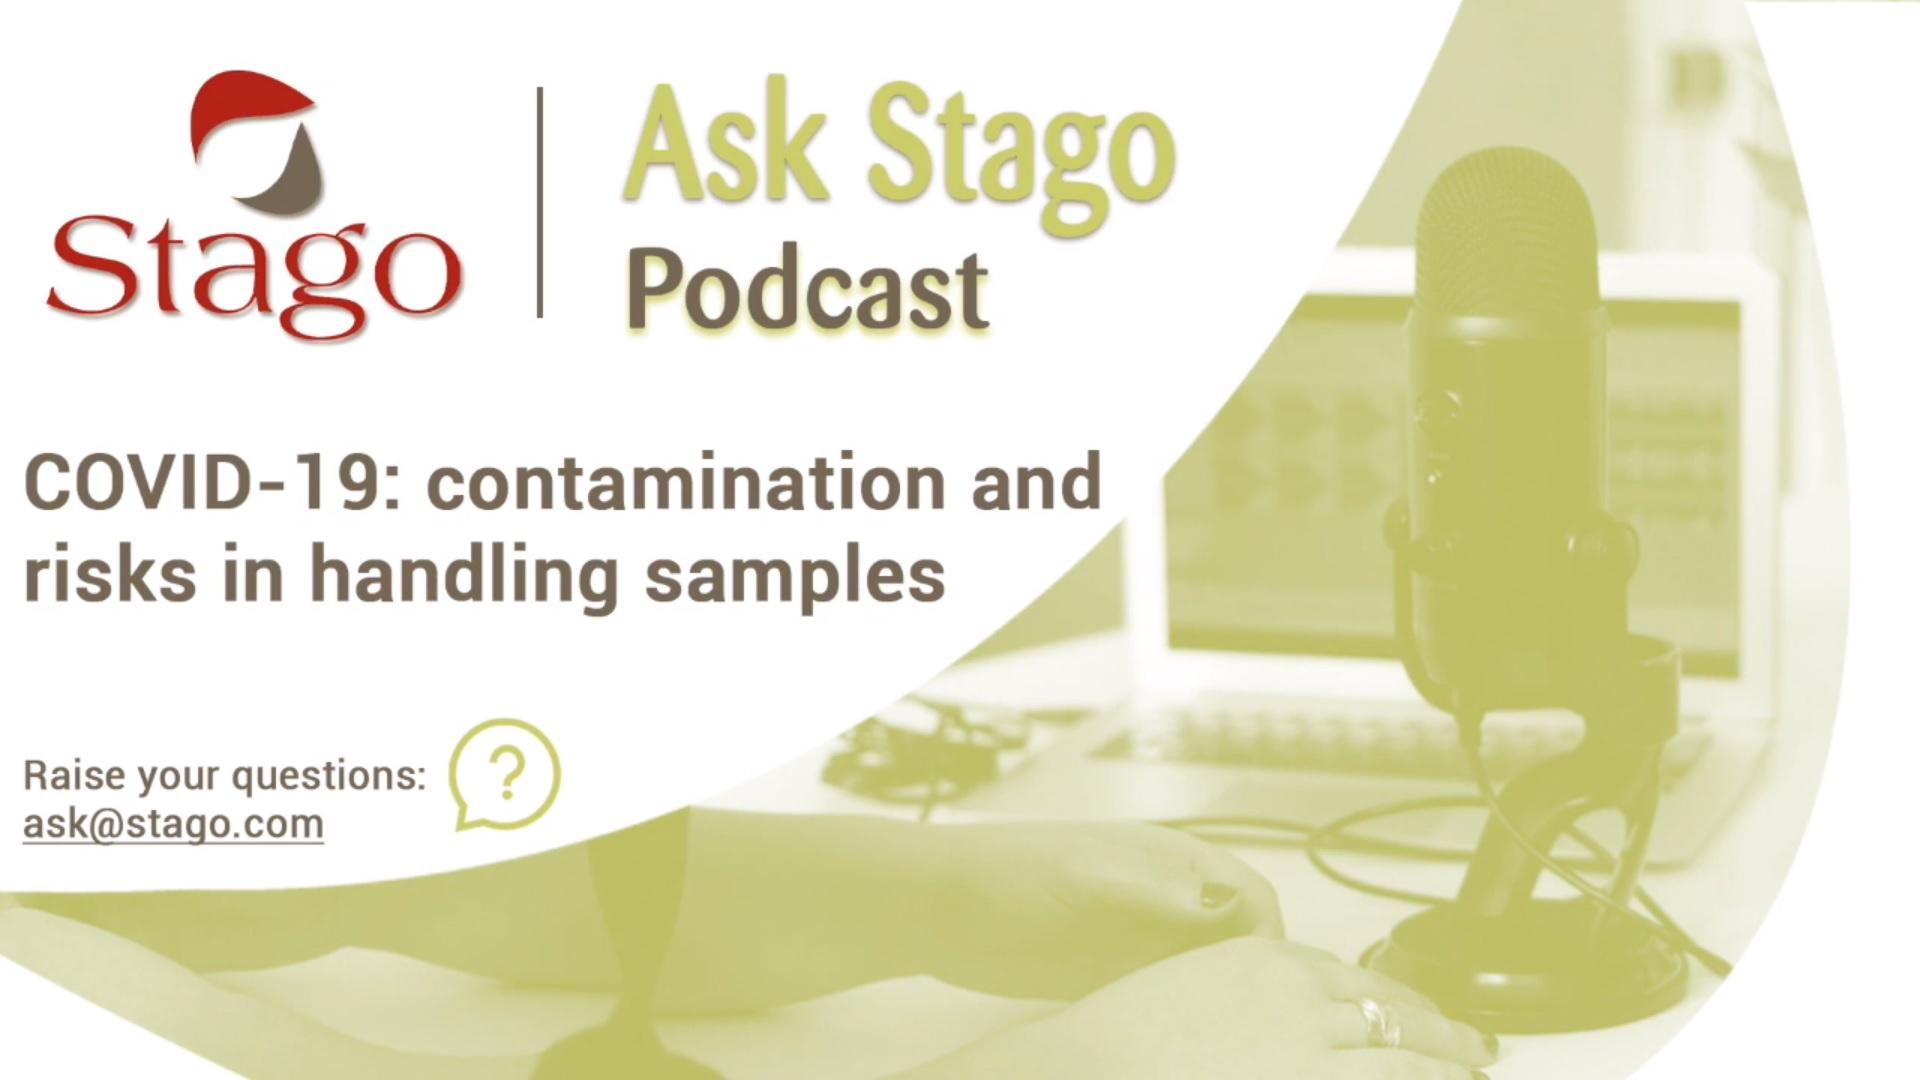 """Рубрика """"Спроси Stago"""" - COVID-19, риски контаминации при работе с образцами крови"""